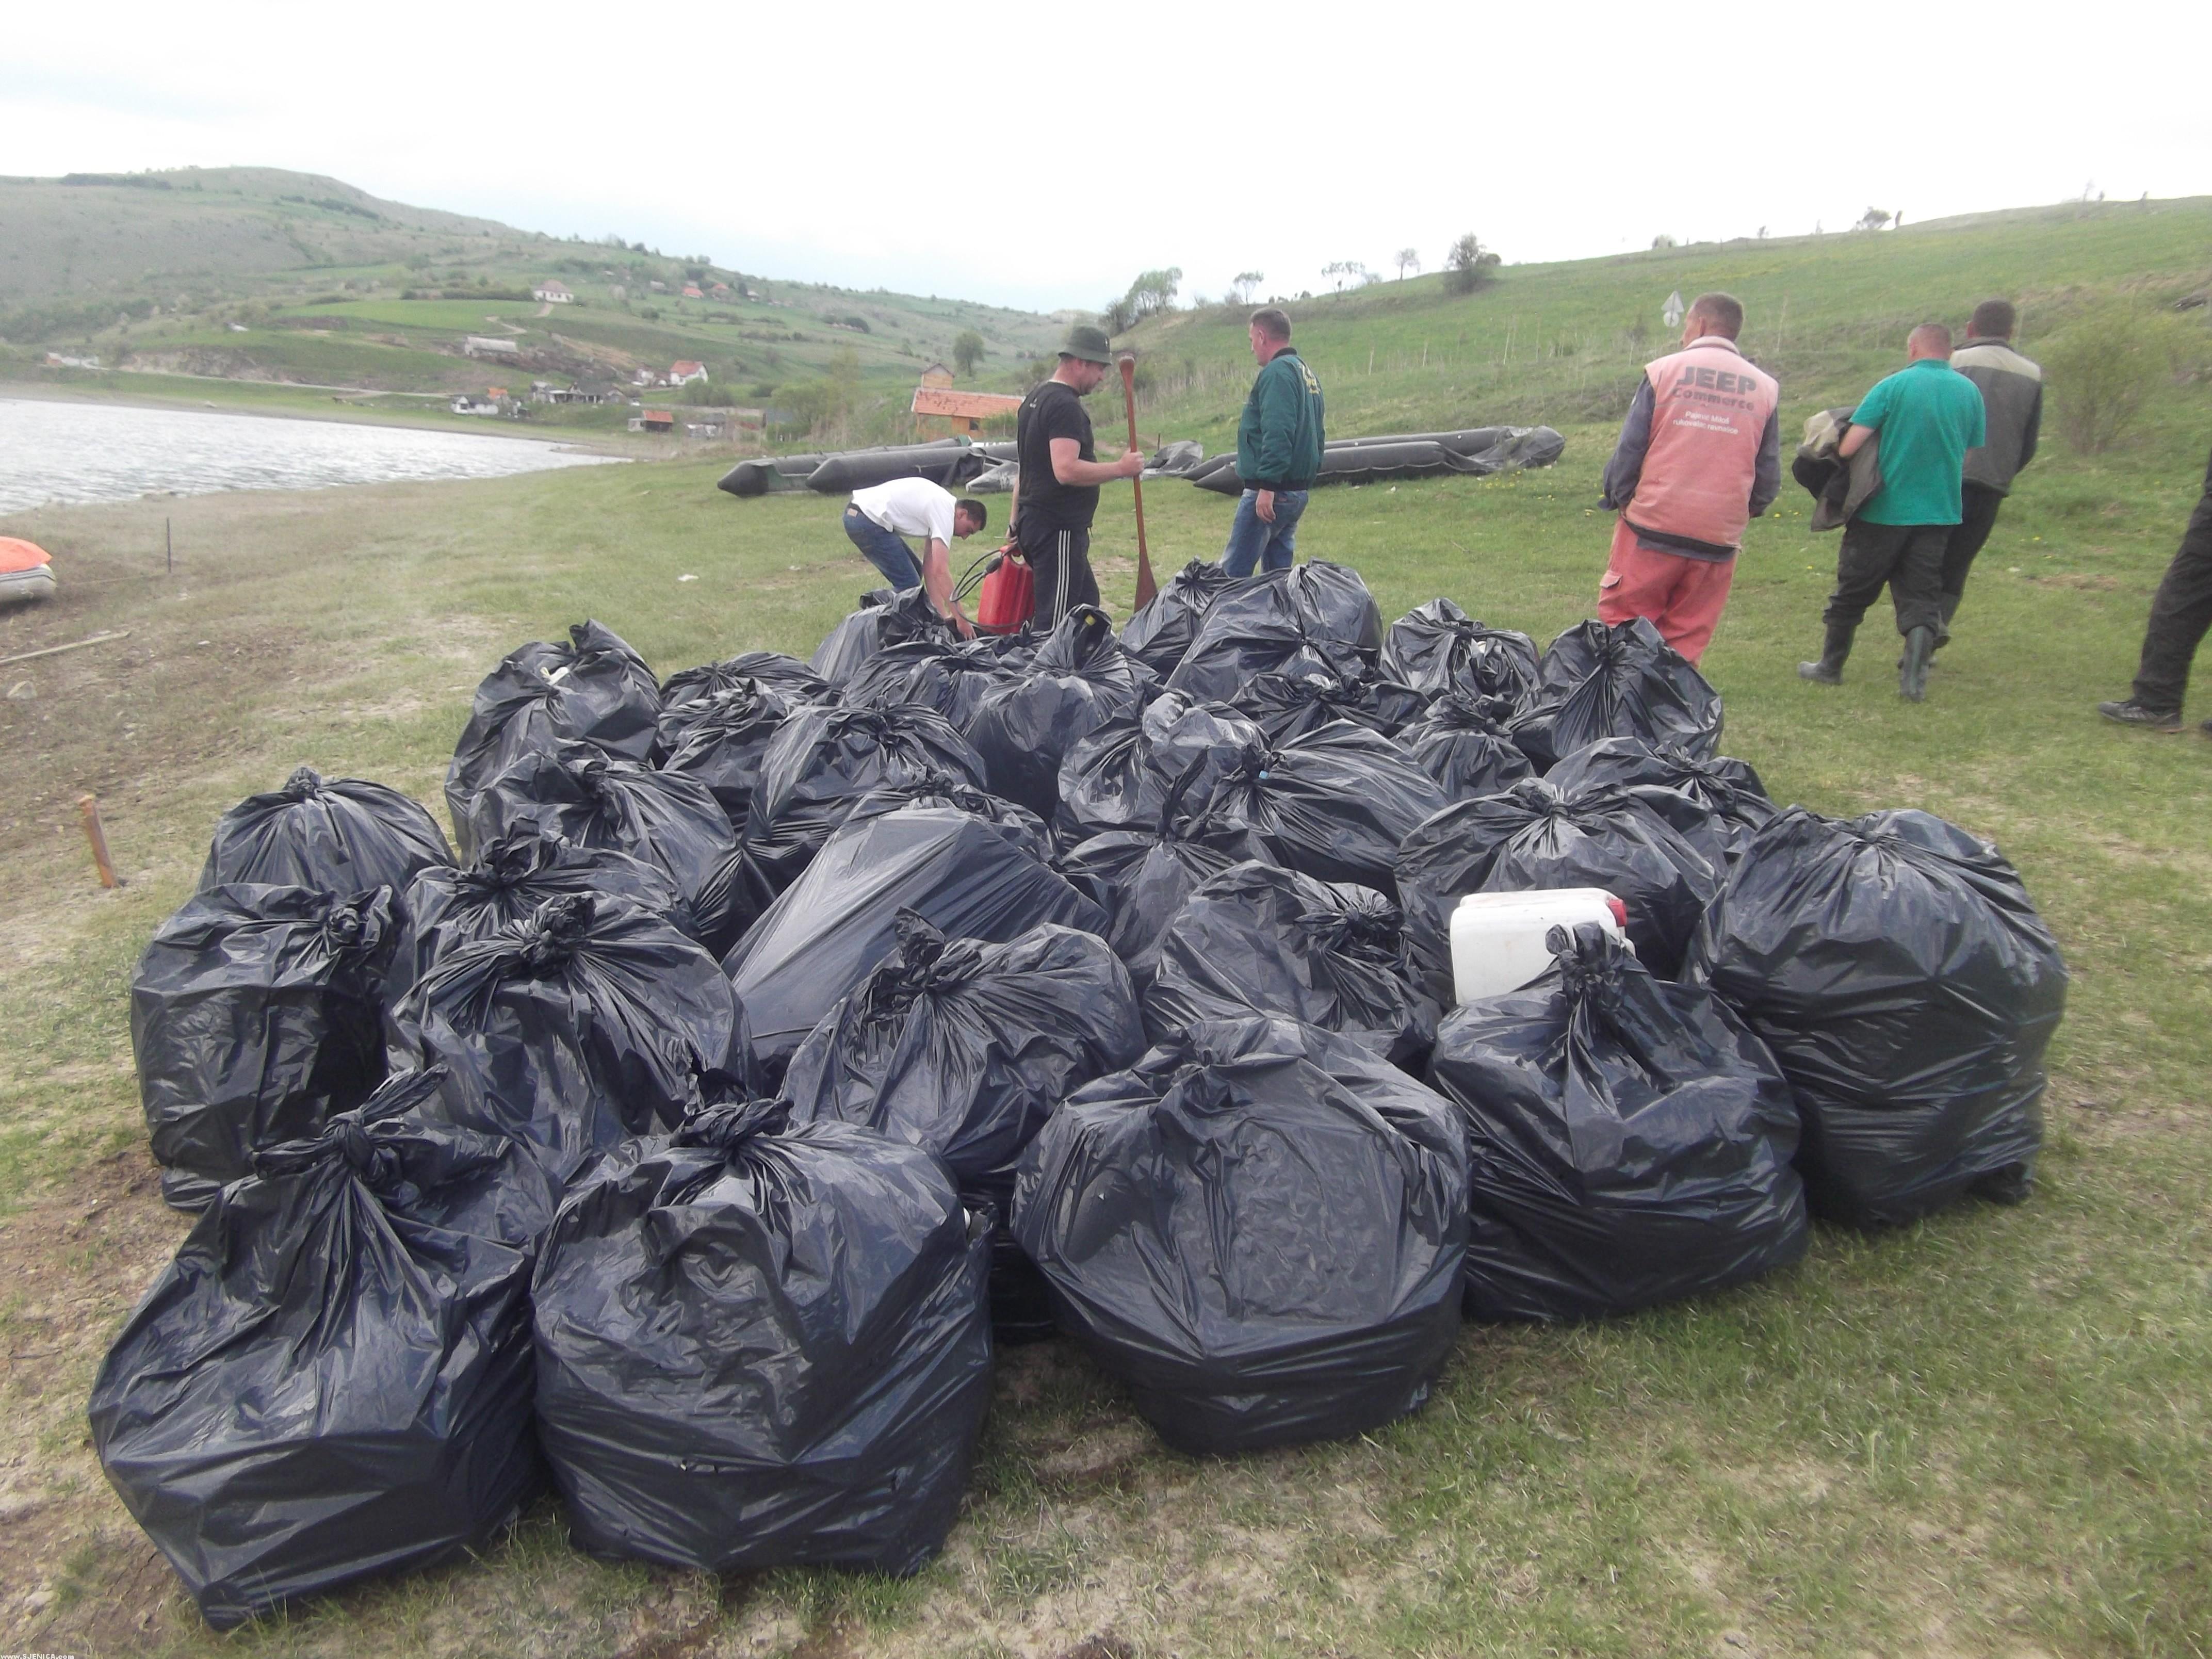 Ciscenje sjenicko jezera - maj 2015